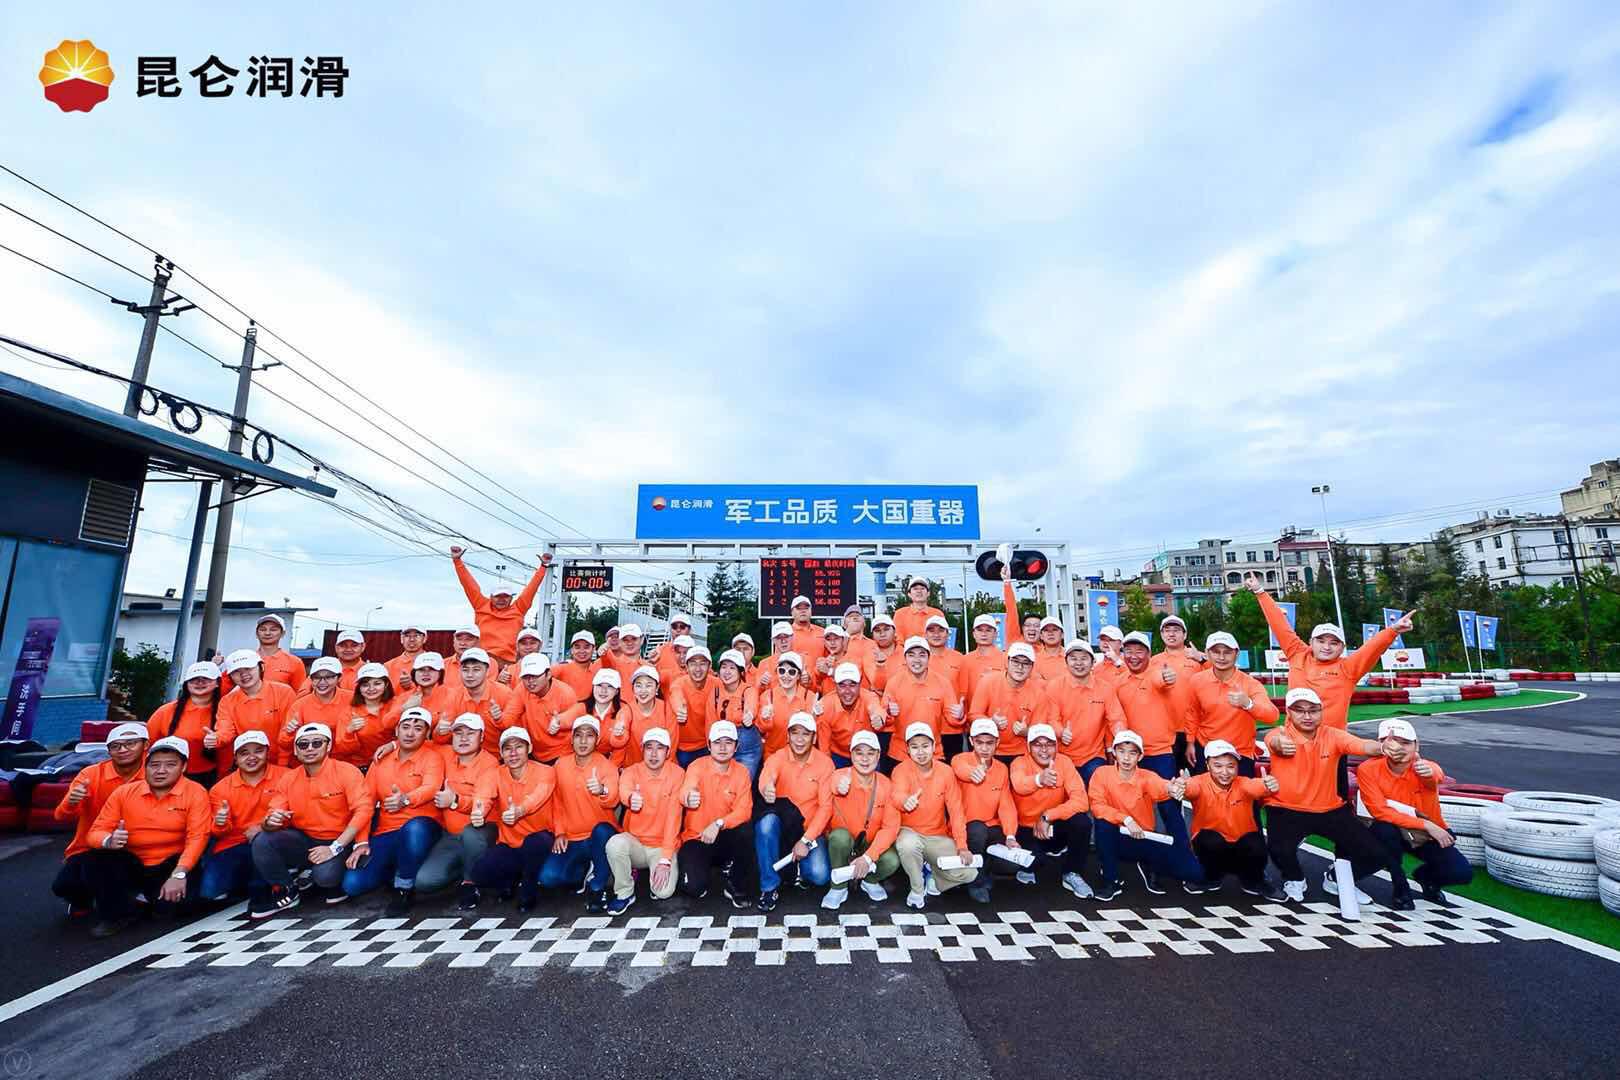 2018昆仑润滑车王争霸赛昆明站晋级赛完美落幕